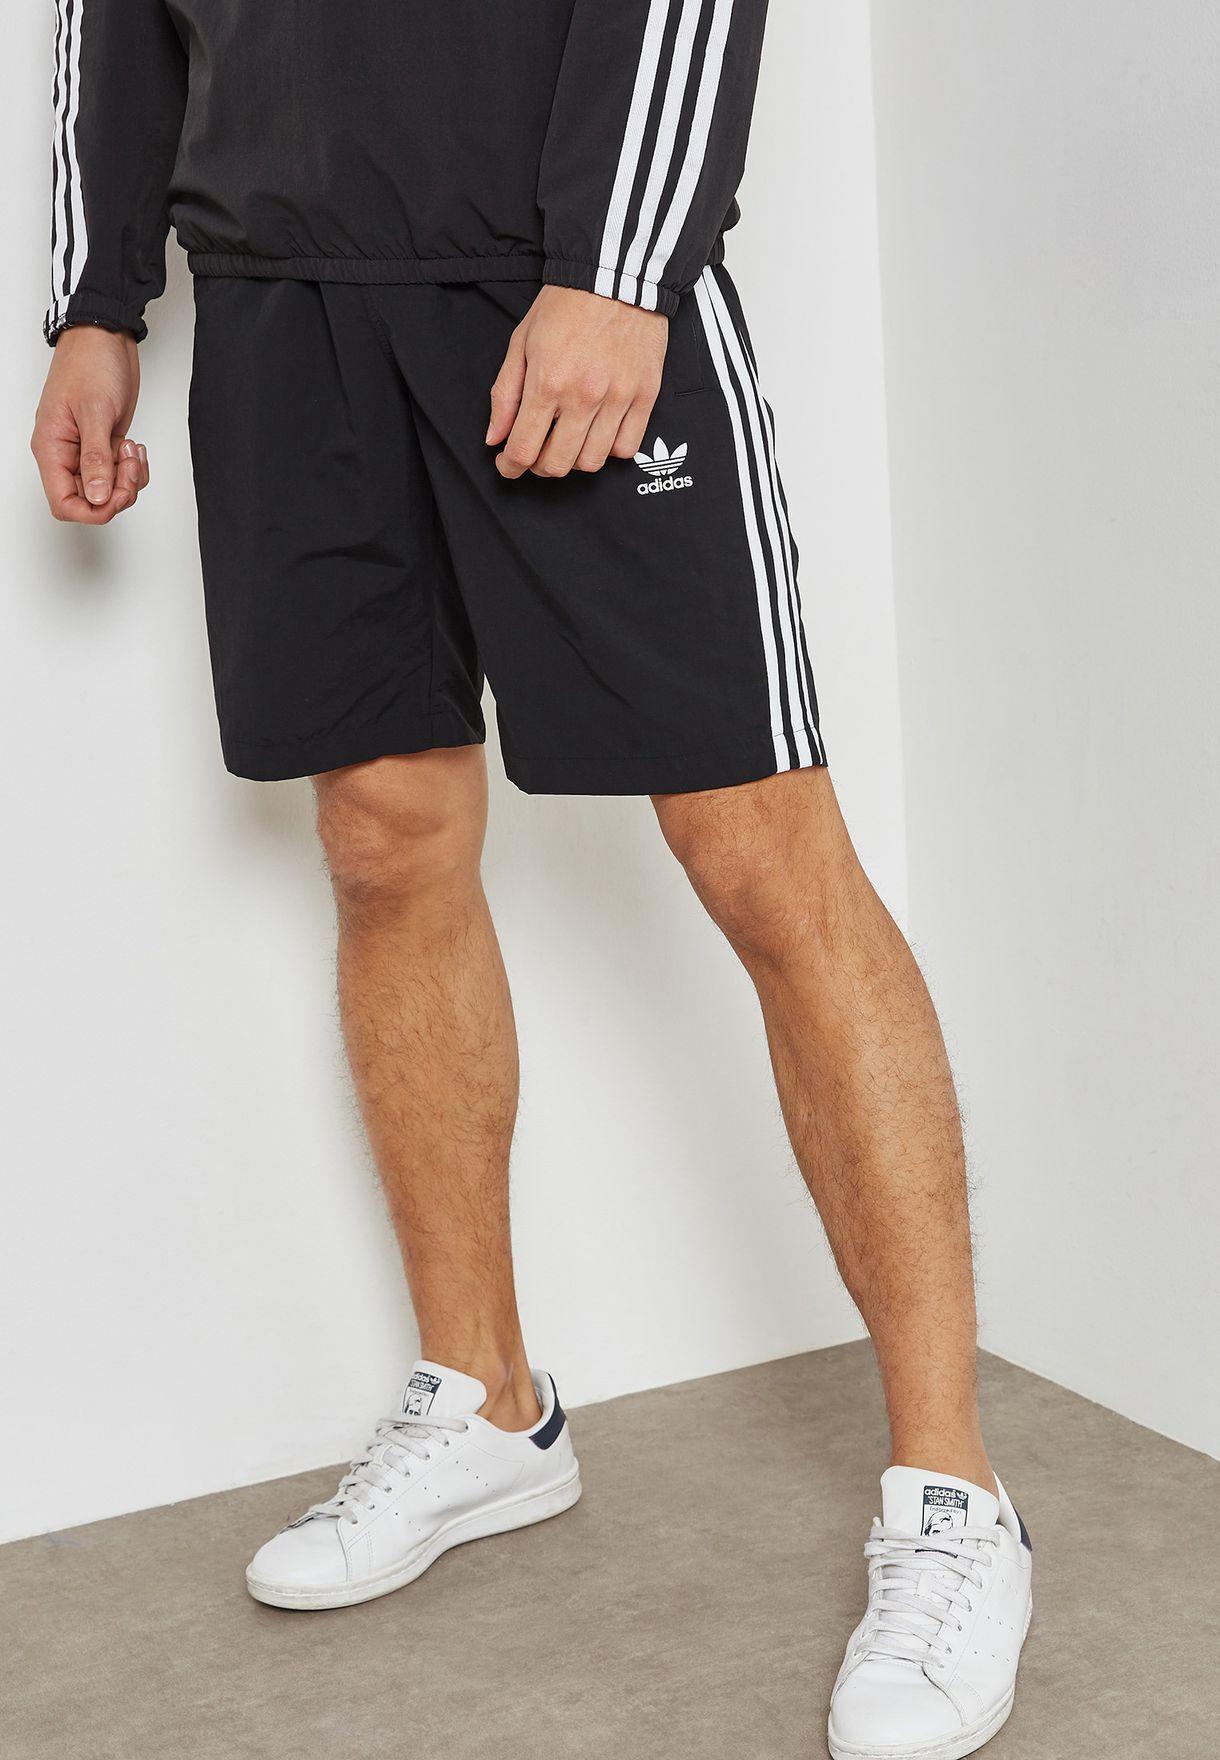 505006e6536f8 Shop adidas Originals black adicolor 3 Stripe Swim Shorts CW1305 for ...